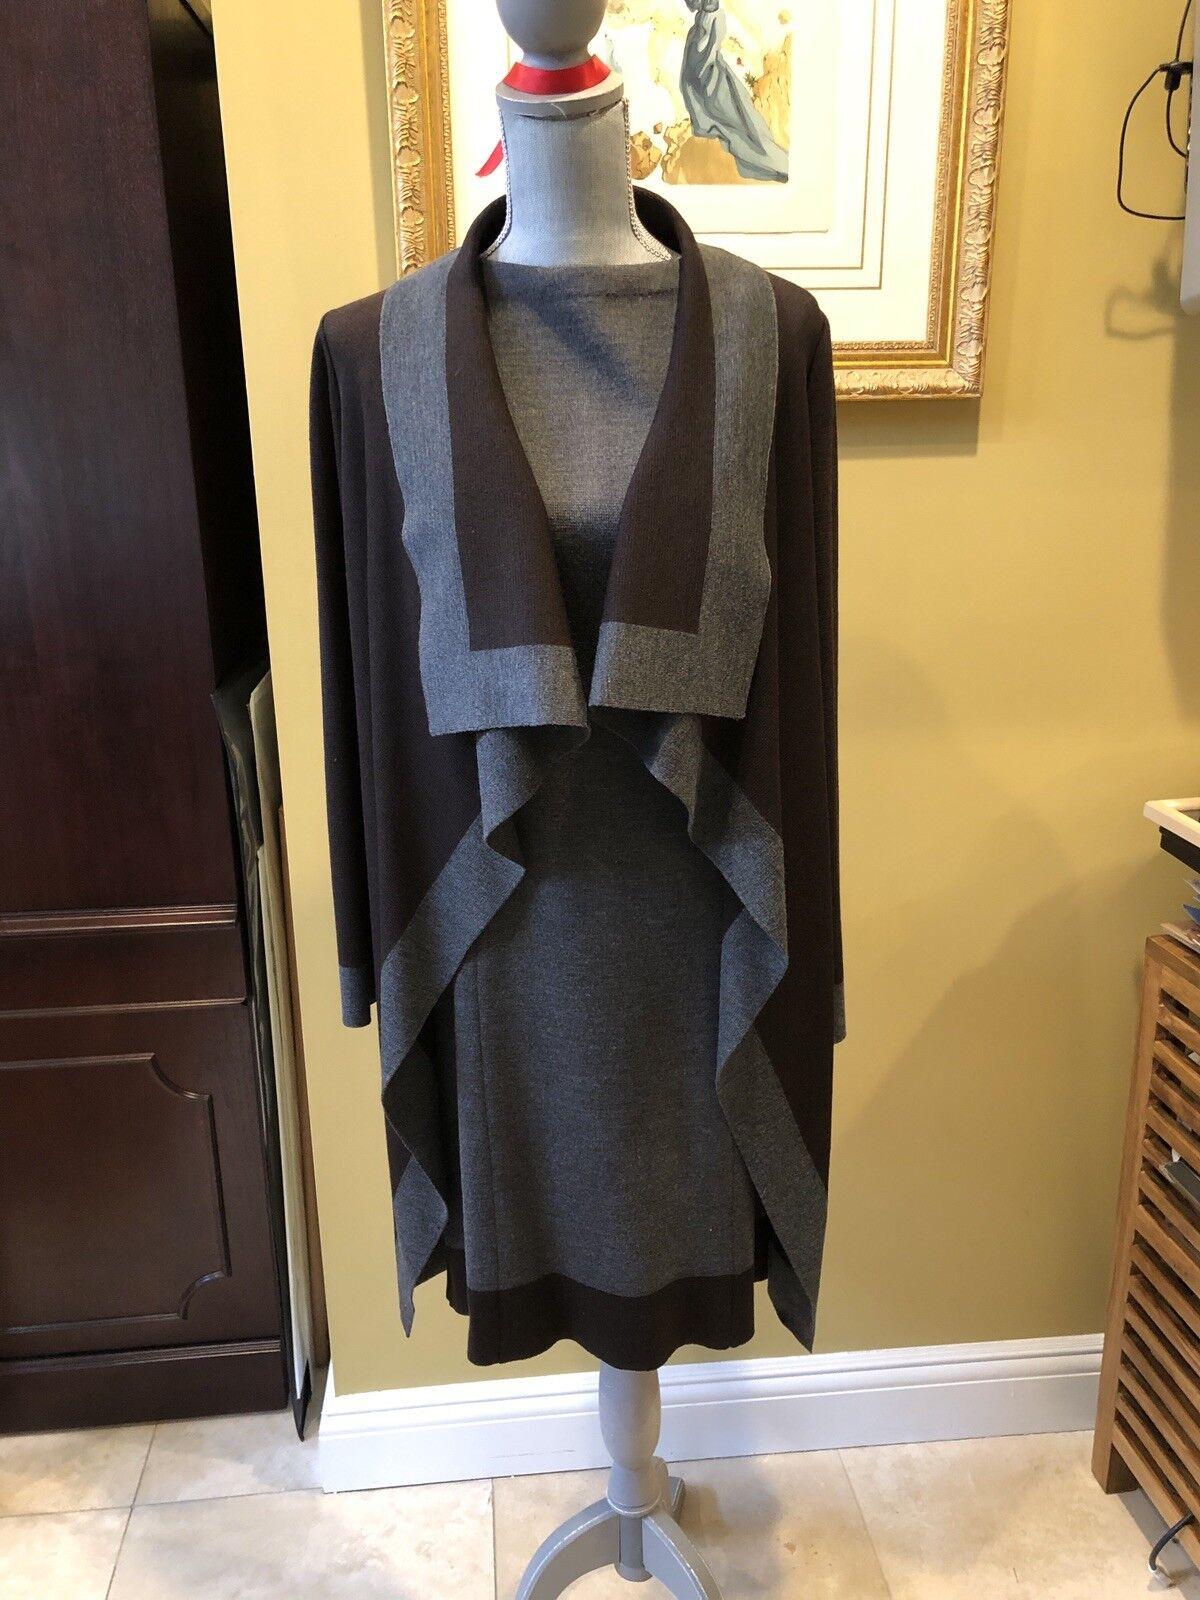 St. John vestido  sin mangas con chaqueta talla 4, Wow     envío gratis